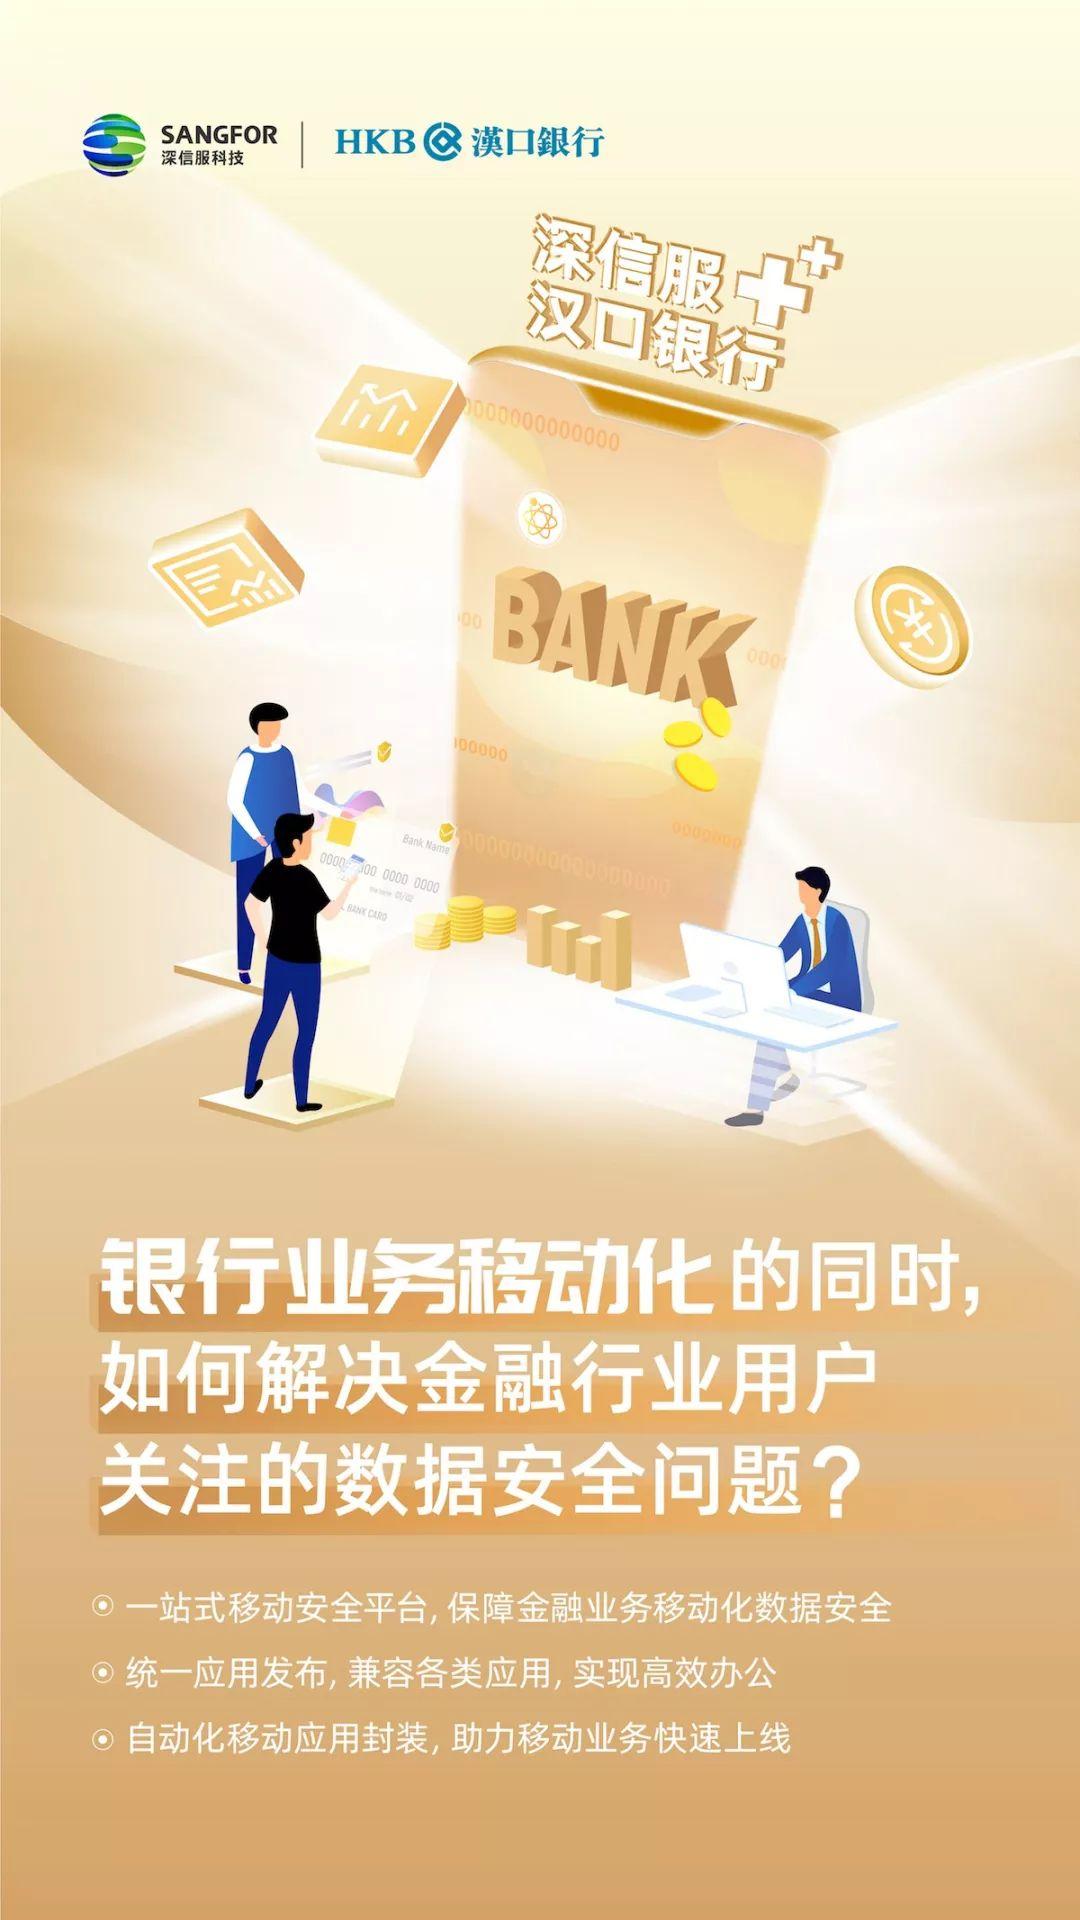 银行业务移动化